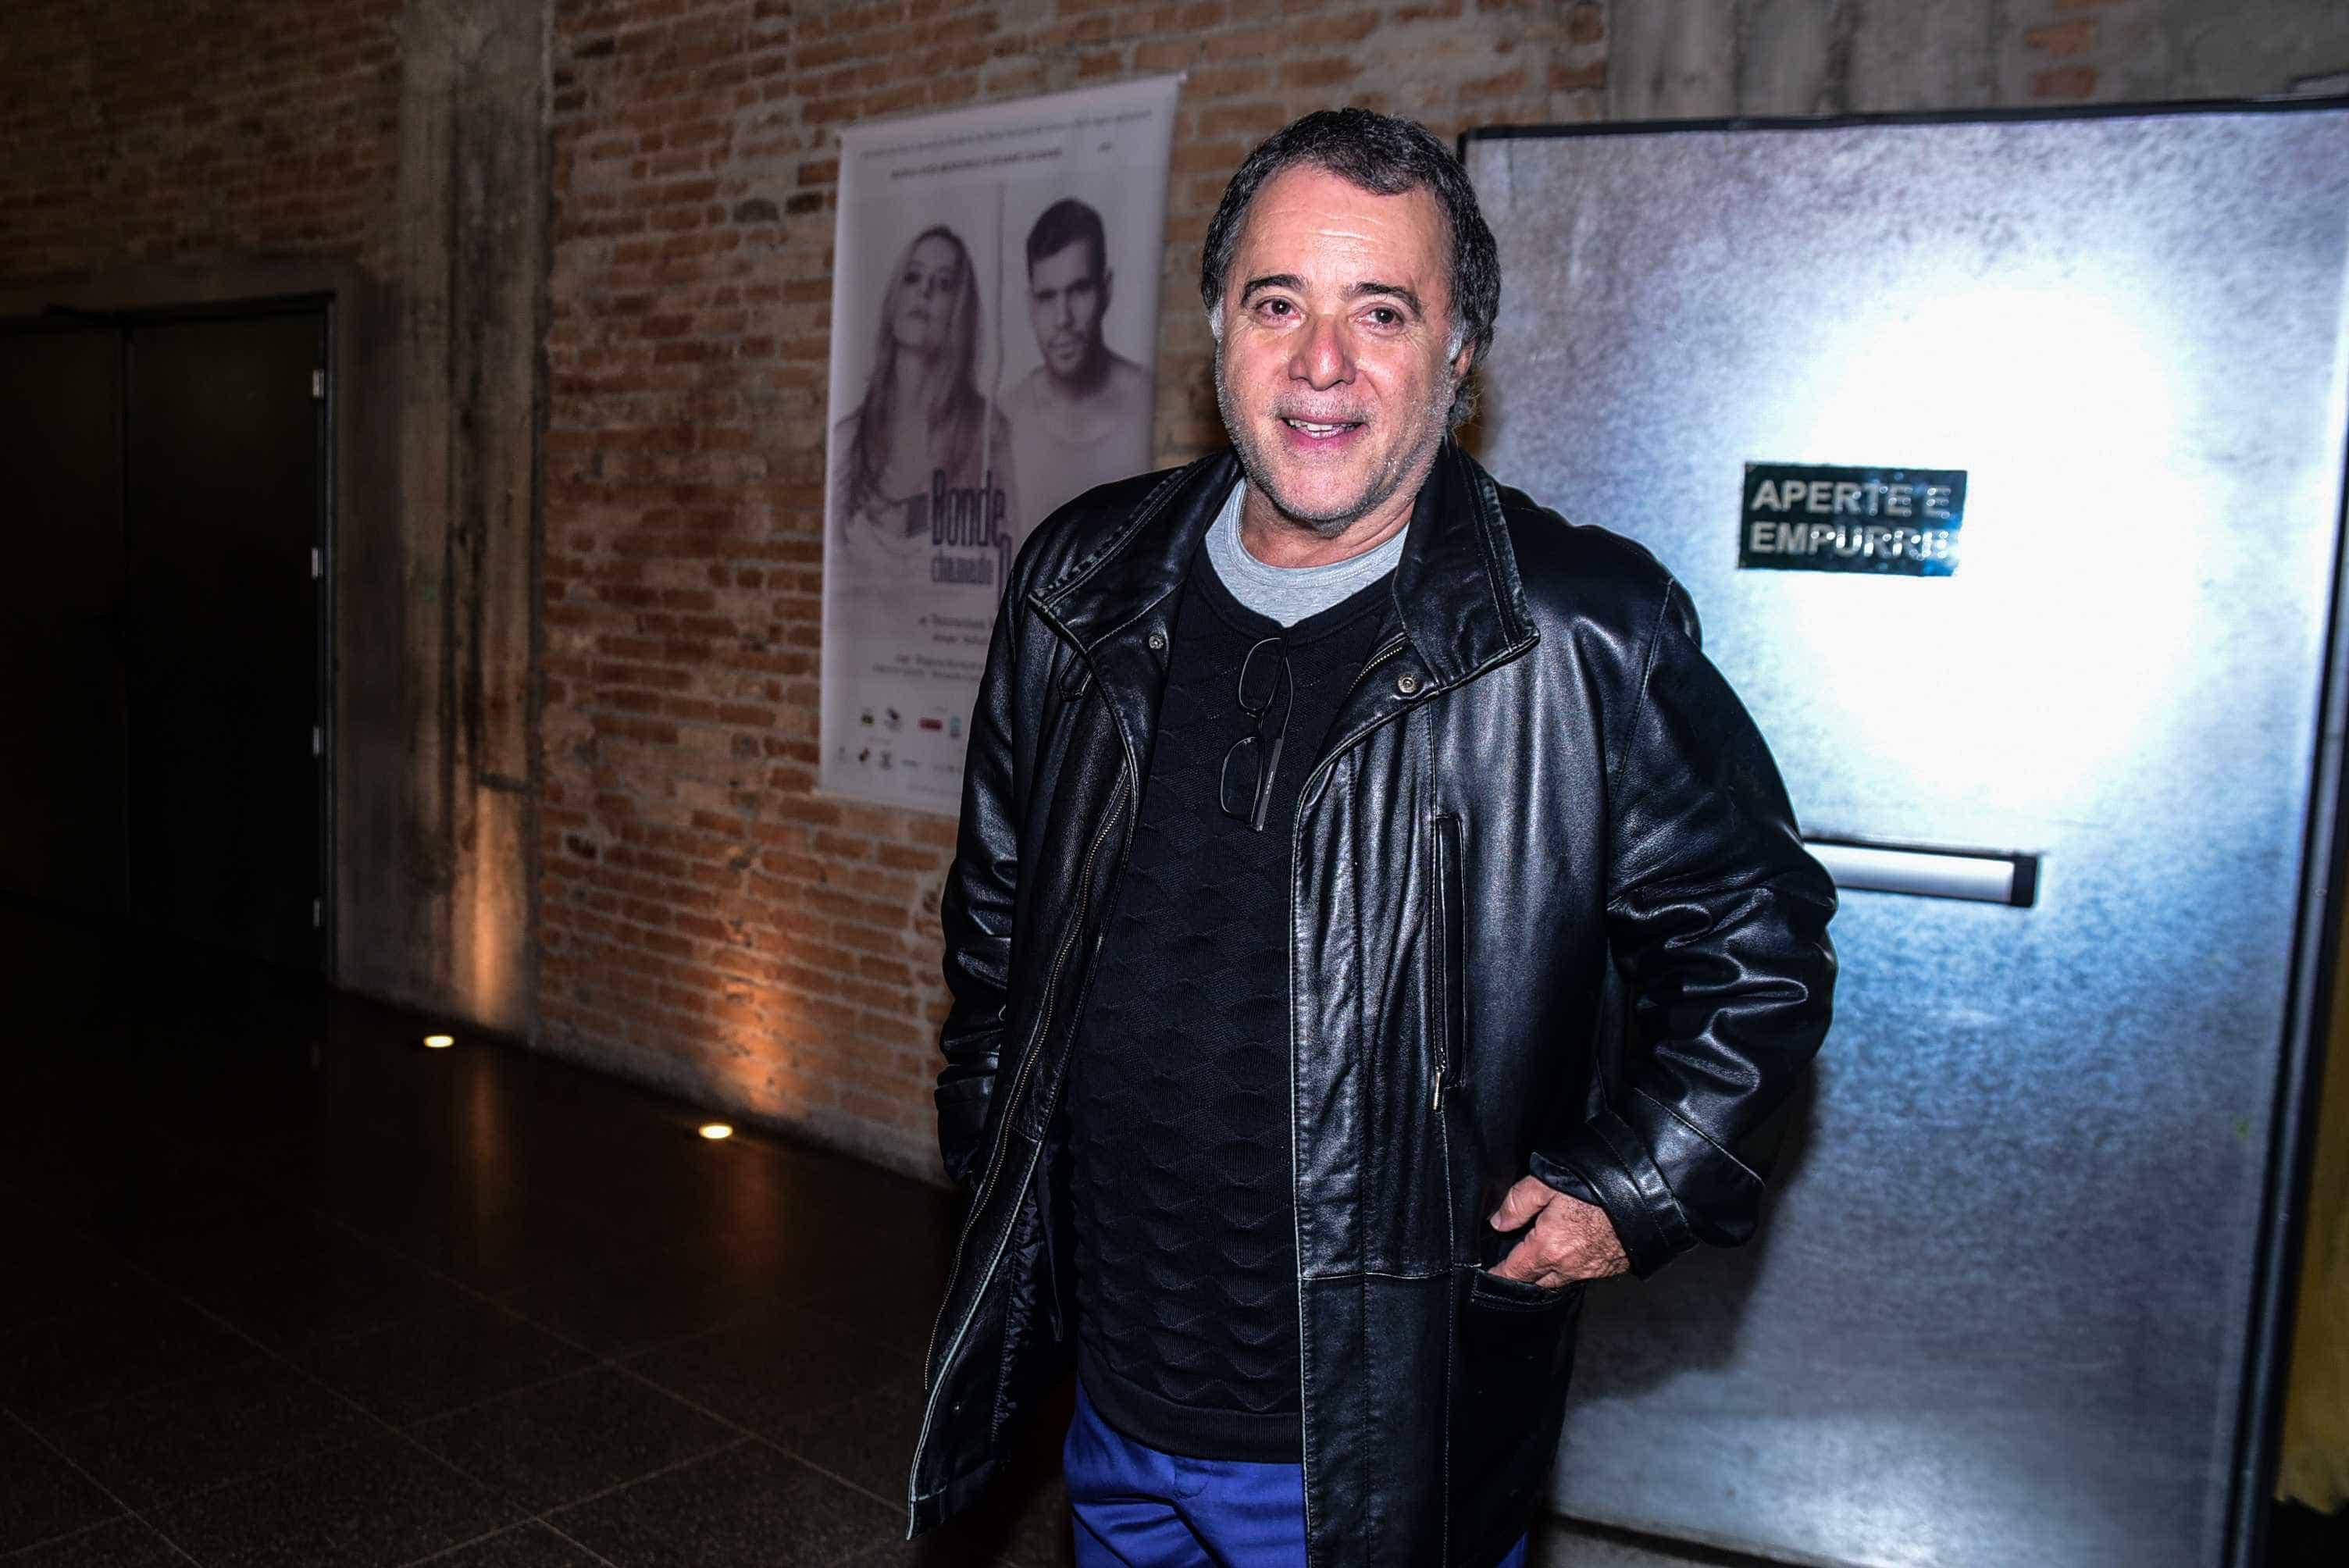 'Não uso a minha notoriedade para fazer política', diz Tony Ramos